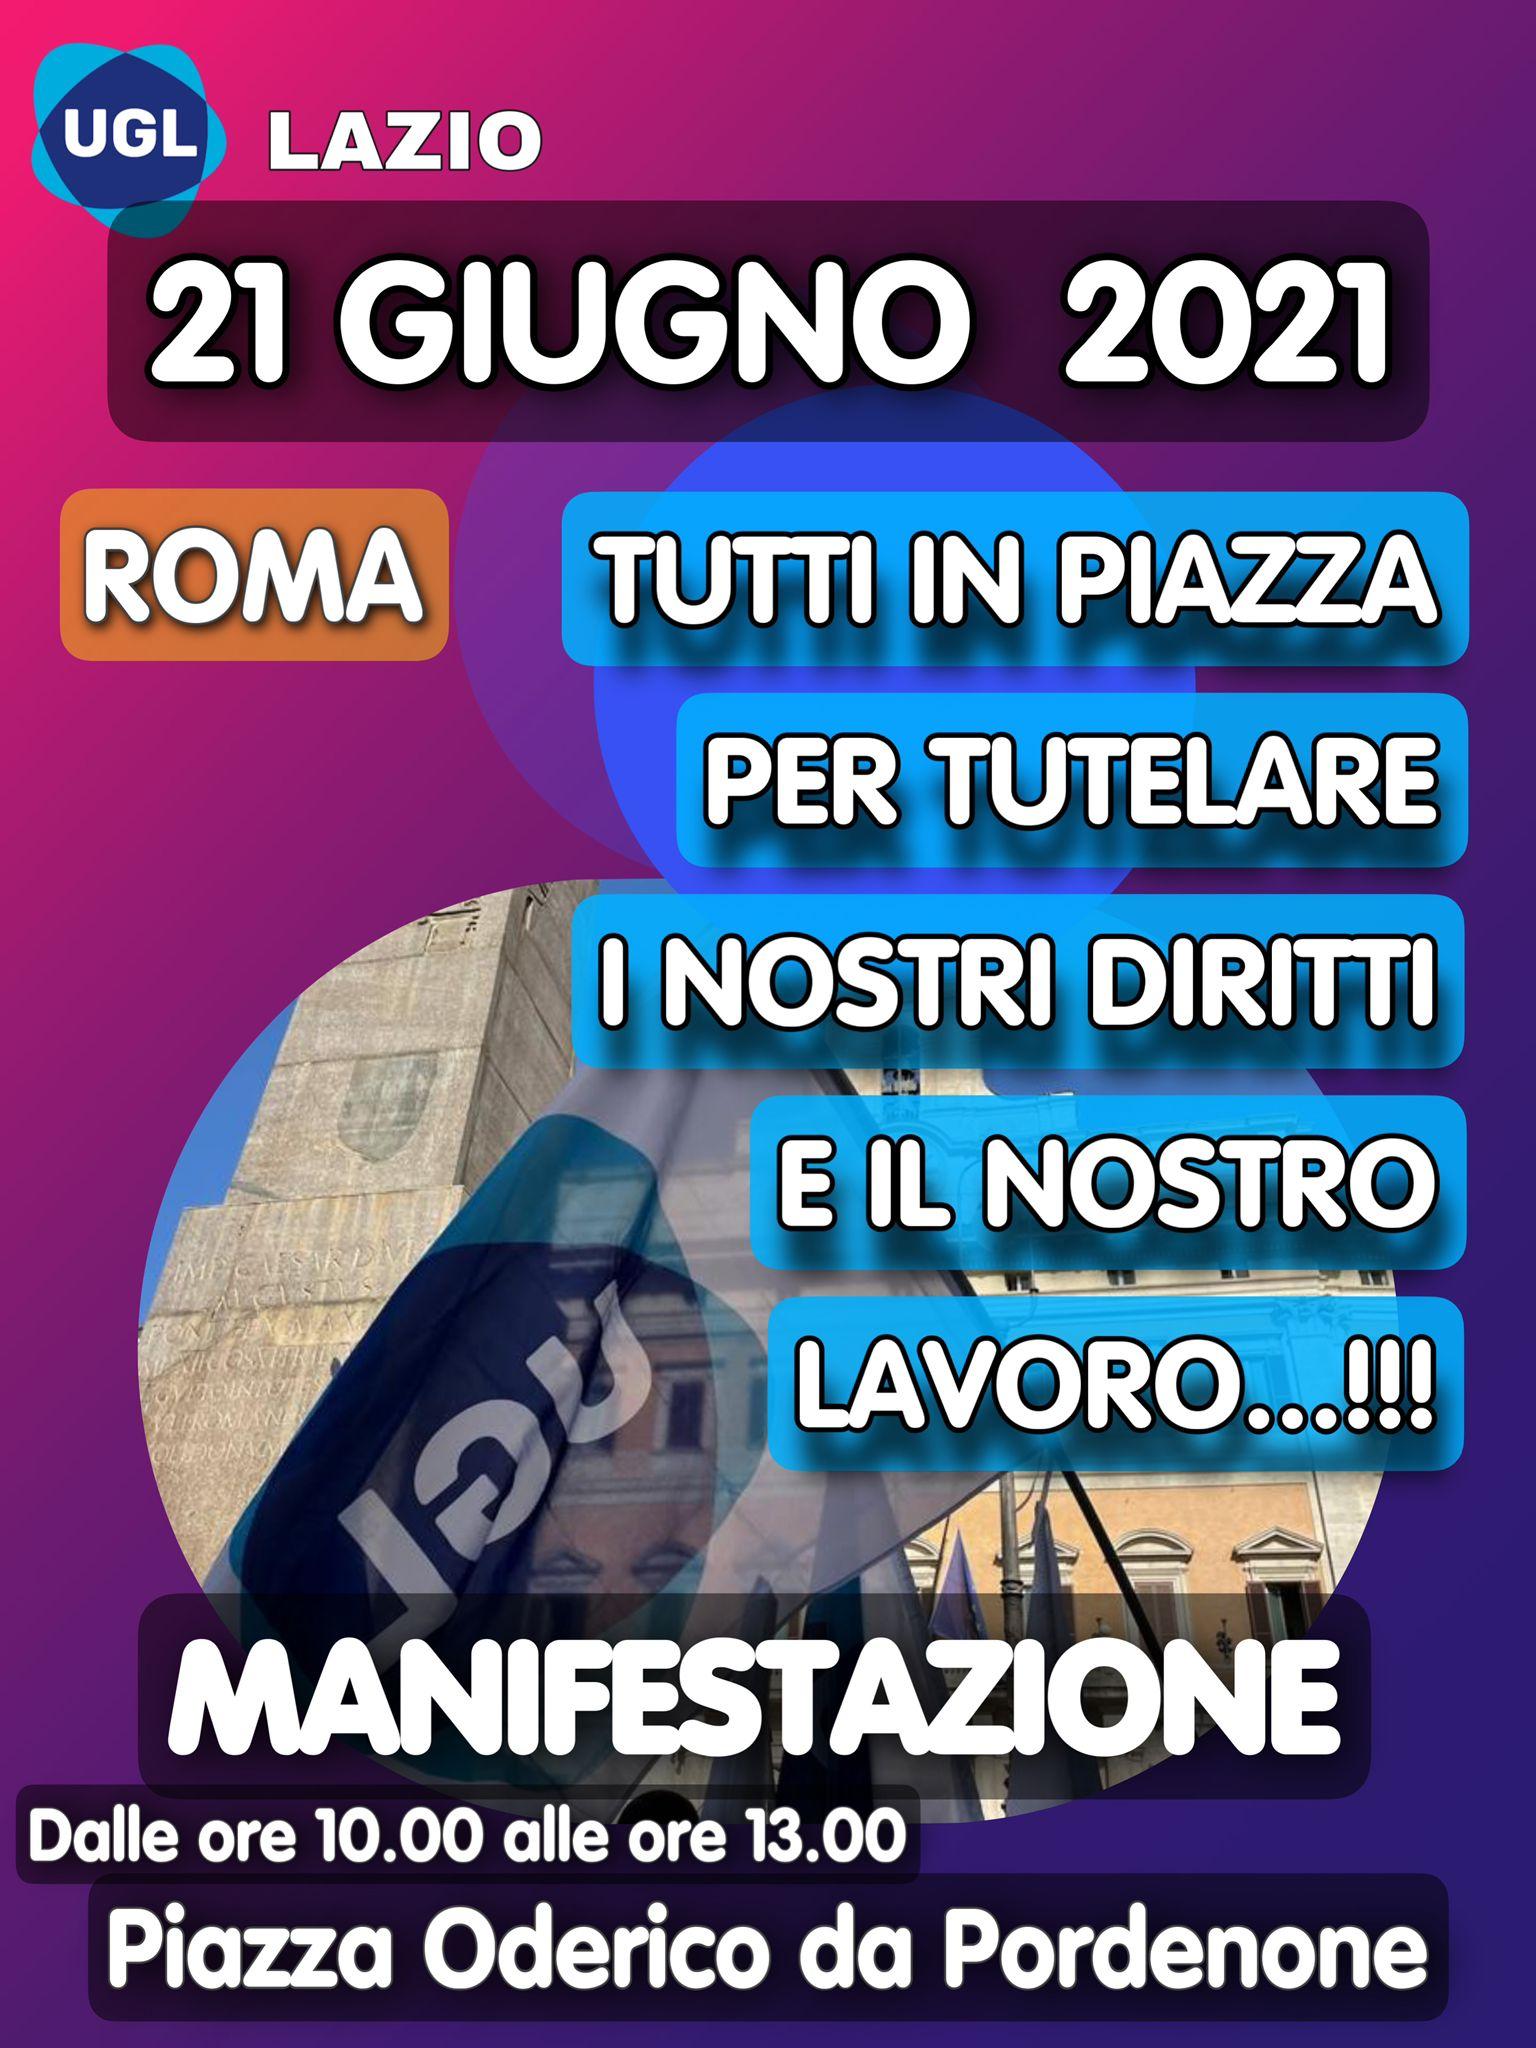 21 GIUGNO L'UGL LAZIO IN PIAZZA A ROMA PER LA TUTELA DEI DIRITTI DEI LAVORATORI DELLA REGIONE